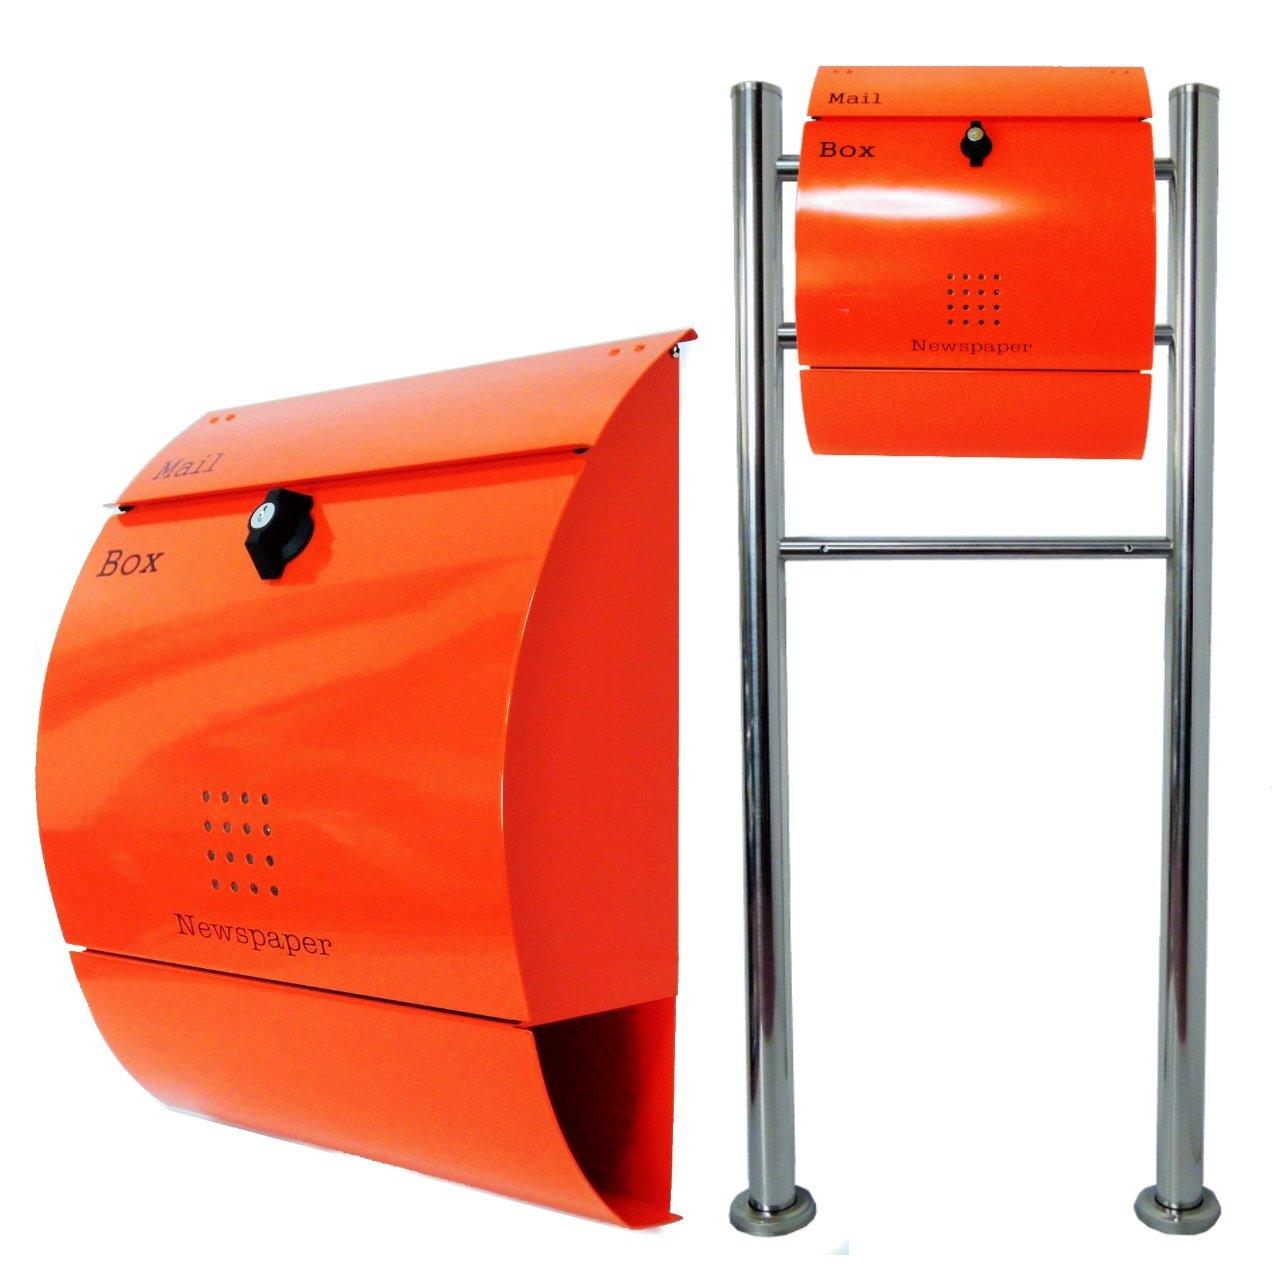 郵便ポスト郵便受けおしゃれ北欧風飾りバー付スタンド型プレミアムステンレスオレンジ色ポストpm06f-pm035 B076GWVSVK 22880